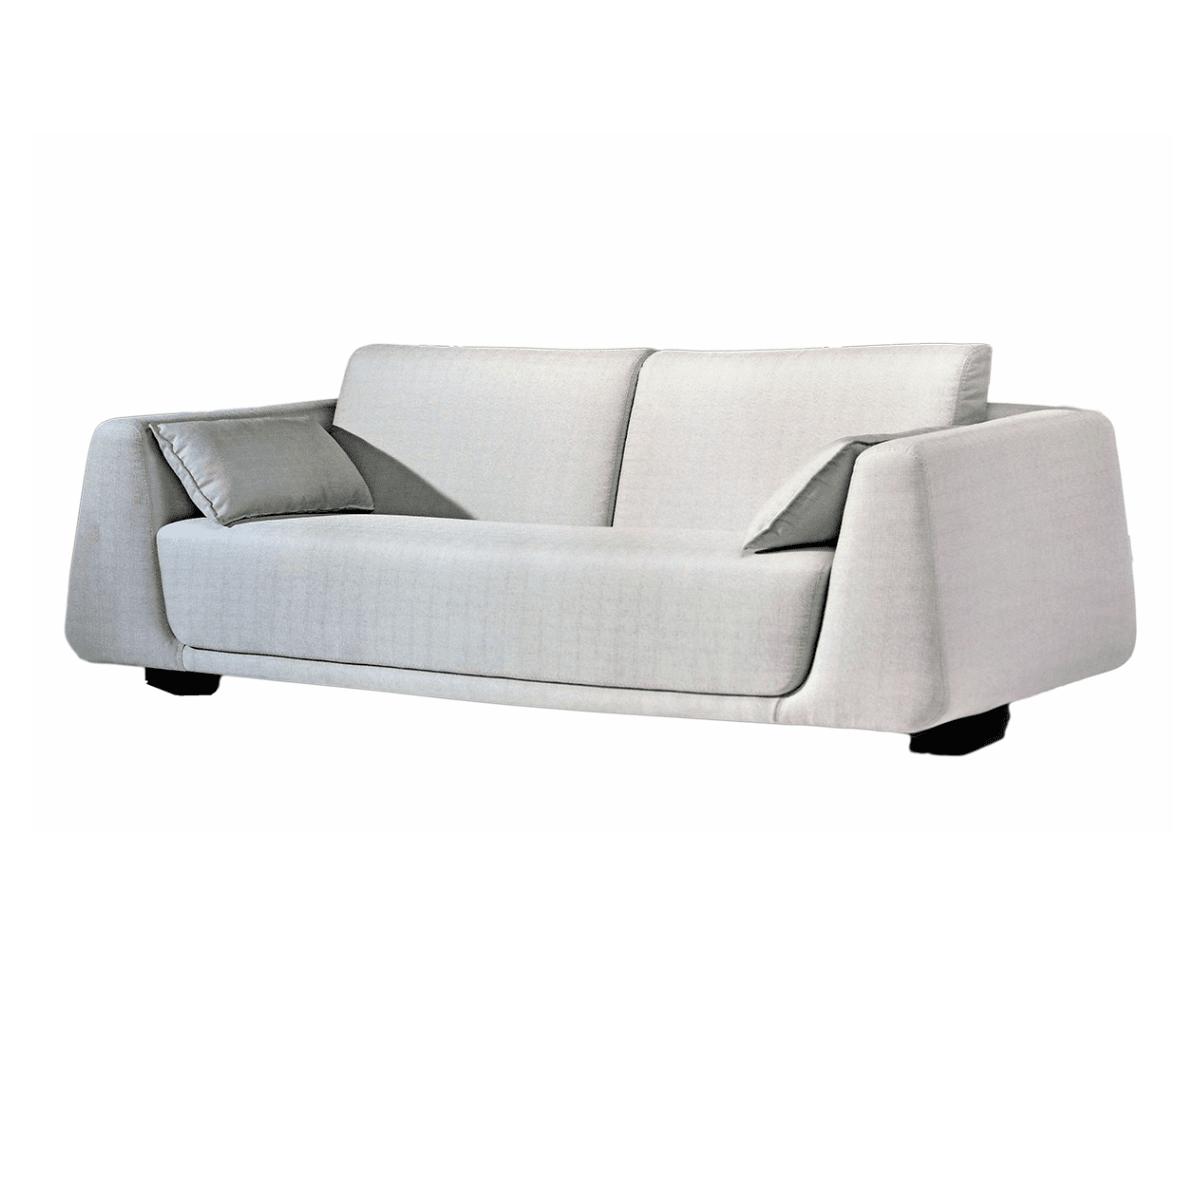 Sof lazy tienda de sofas en pamplona exposici n del for Sofas el tresillo